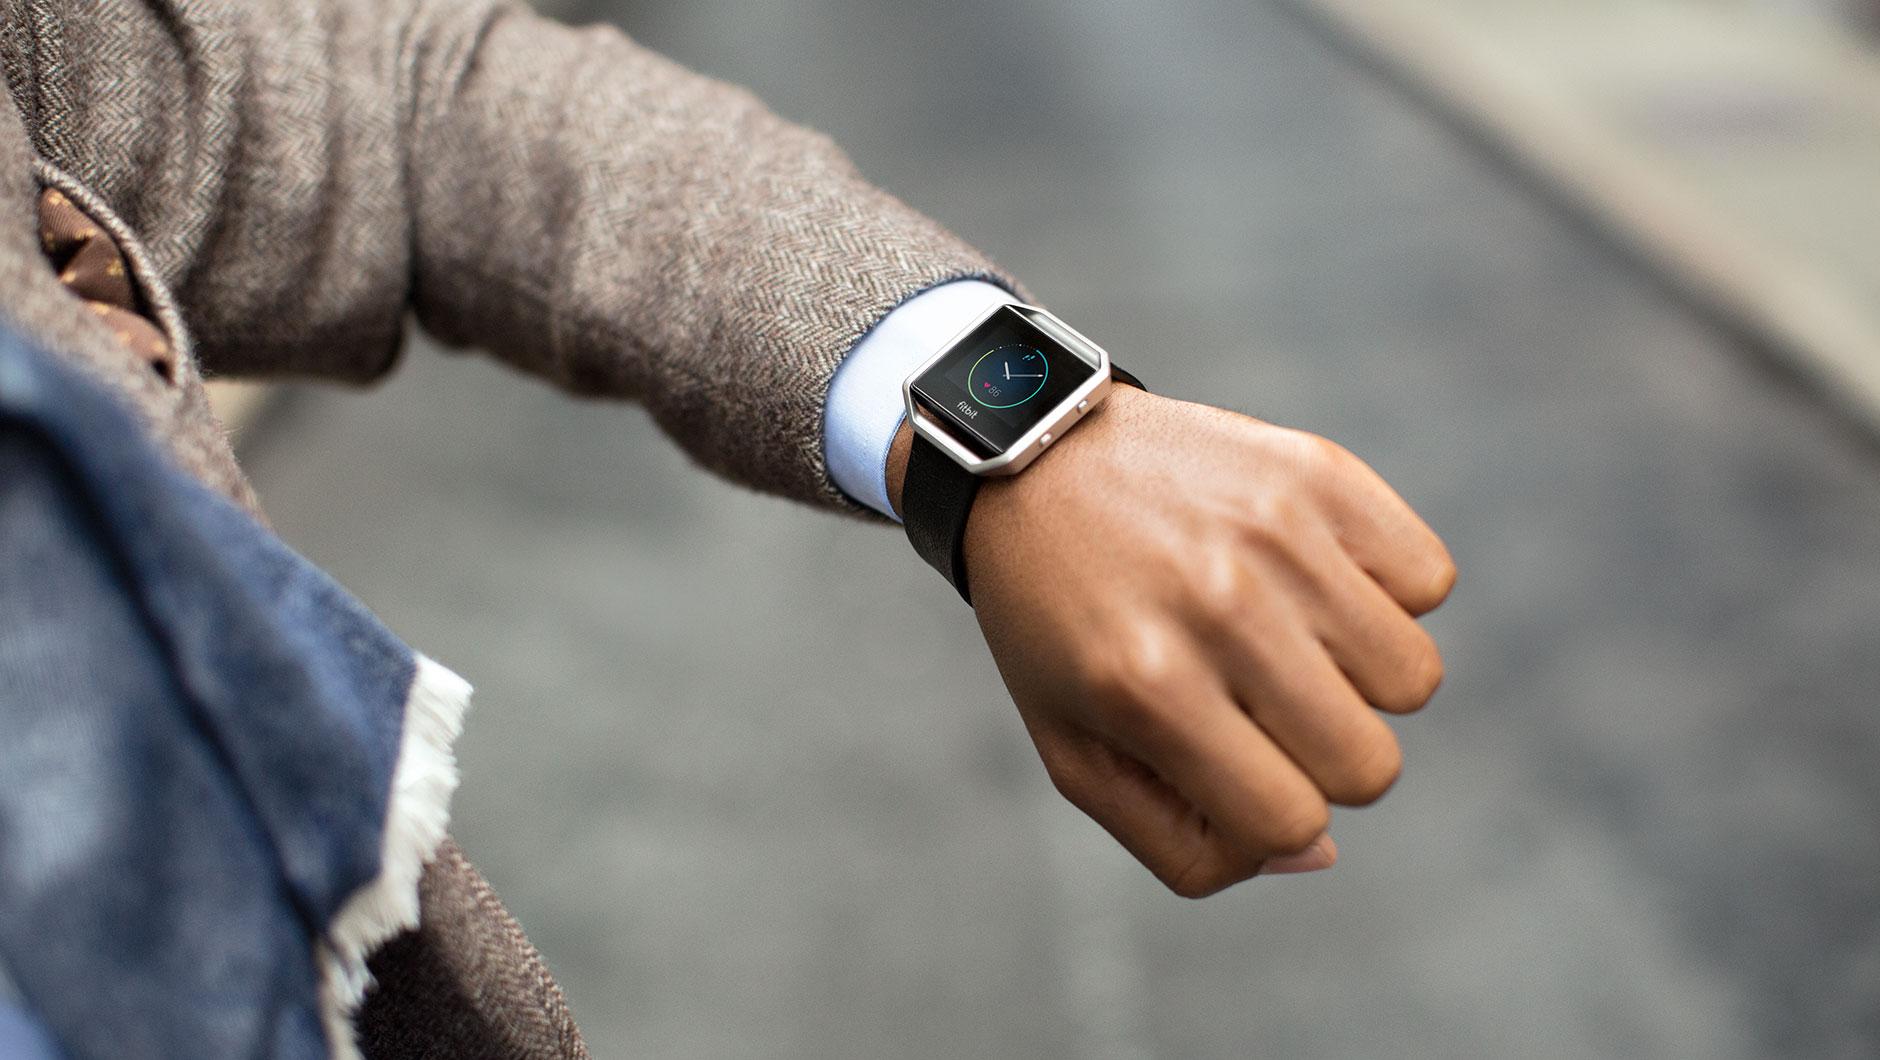 fitbit vector watch fitbit blaze ceas inteligent vanzare vector watch